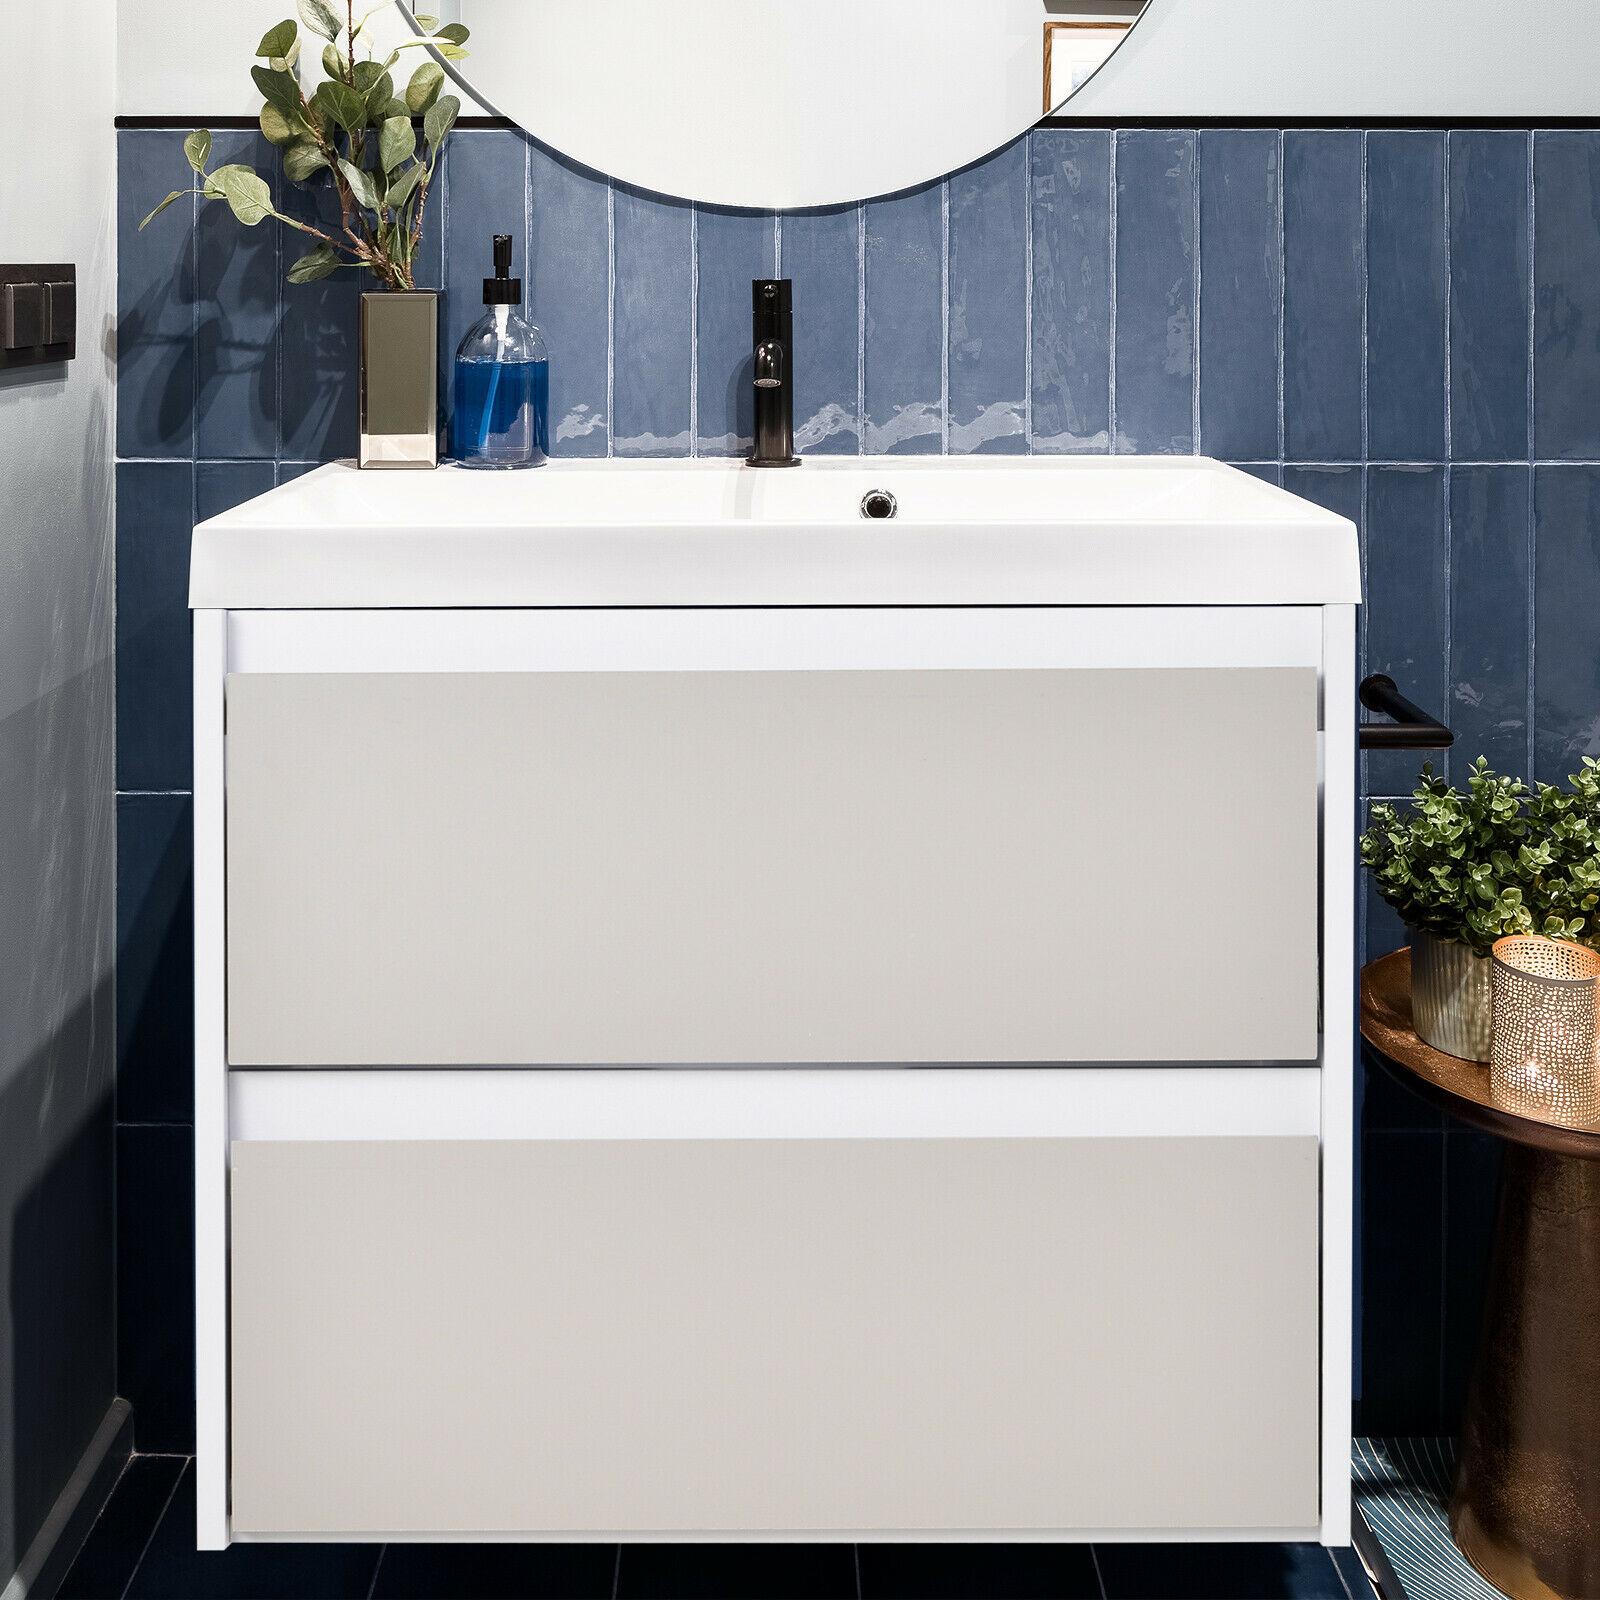 Kleankin 2 Drawer Hanging Bathroom Cabinet £9.99 delivered @ 2011homcom/ebay